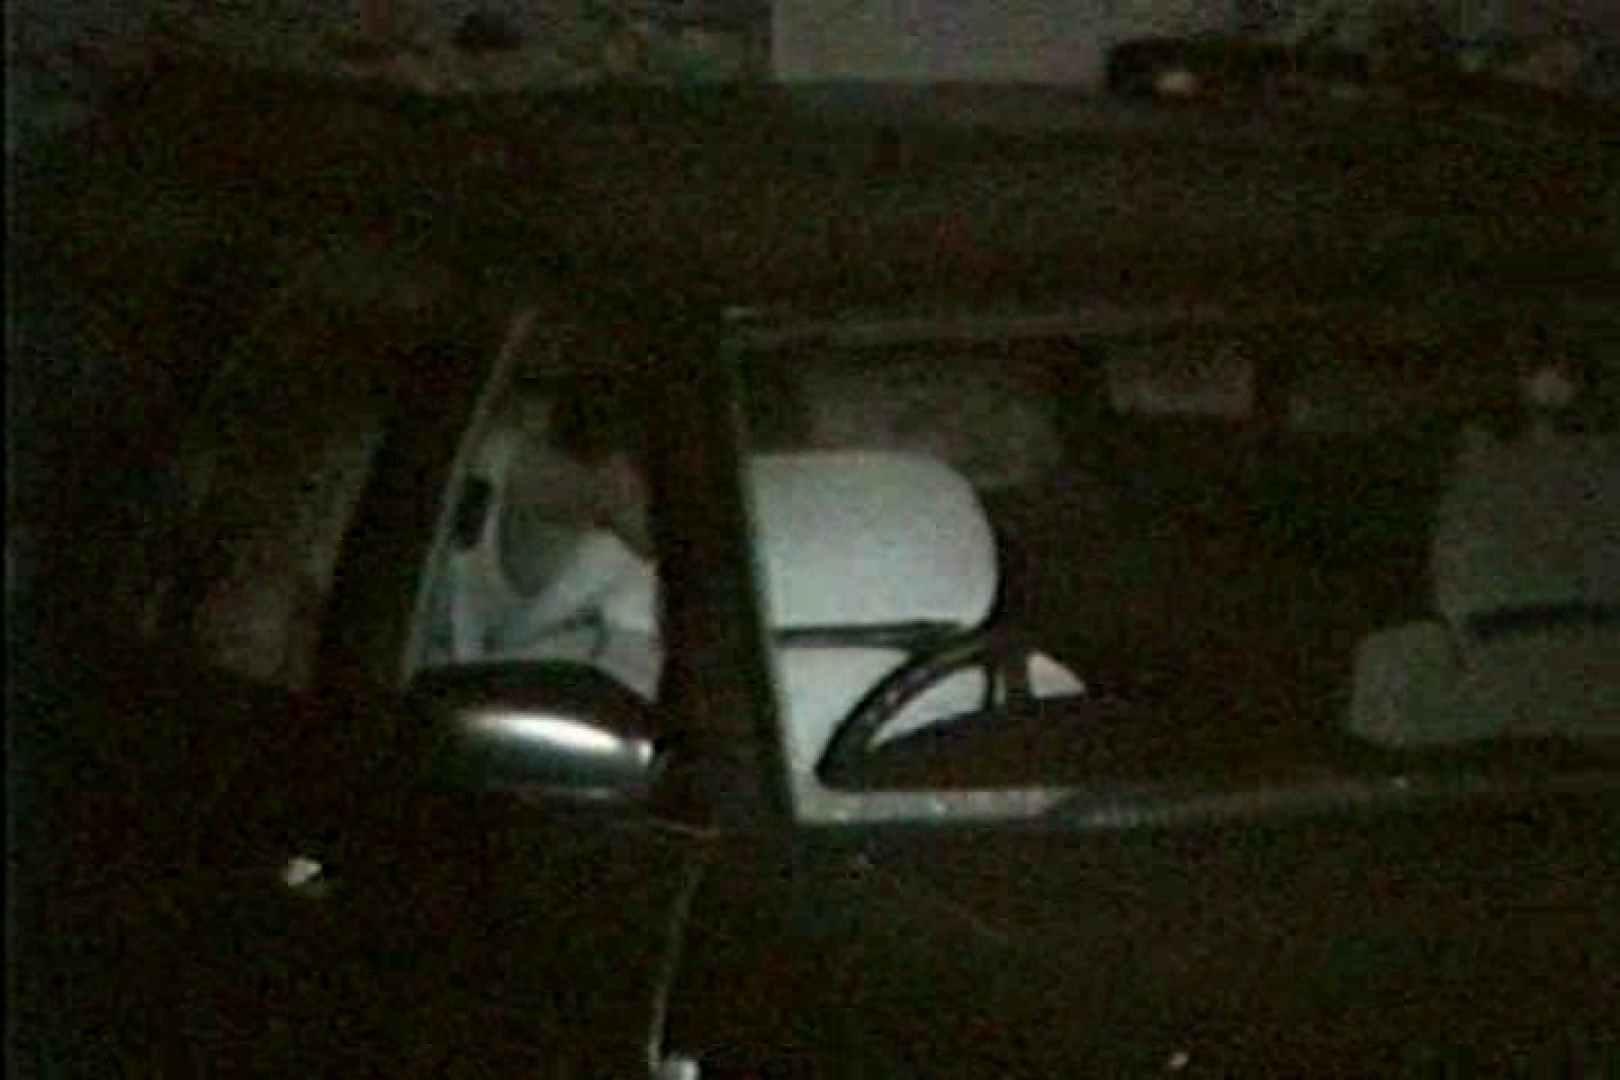 車の中はラブホテル 無修正版  Vol.6 赤外線 盗撮動画紹介 104pic 61